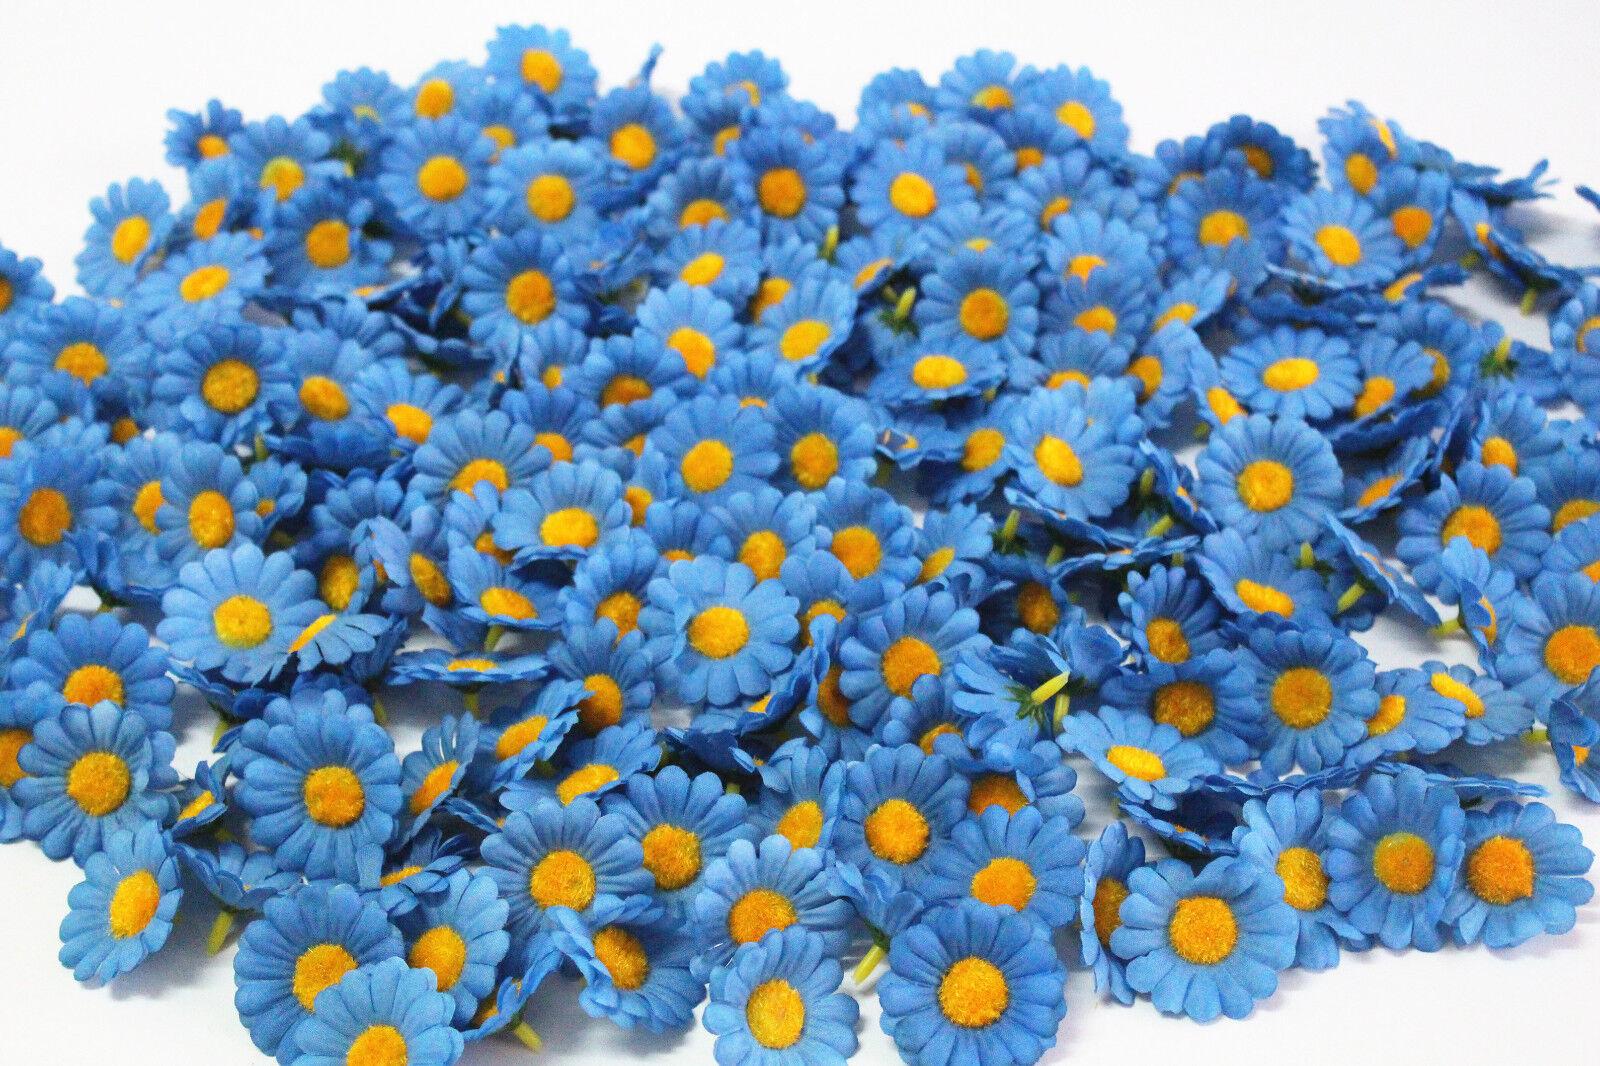 ดอกไม้ปลอม ดอกทานตะวันสีฟ้า 10 pcs Artificial Silk Blue Heronsbill Buds นำเข้า - พร้อมส่งW879 ราคา99บาท